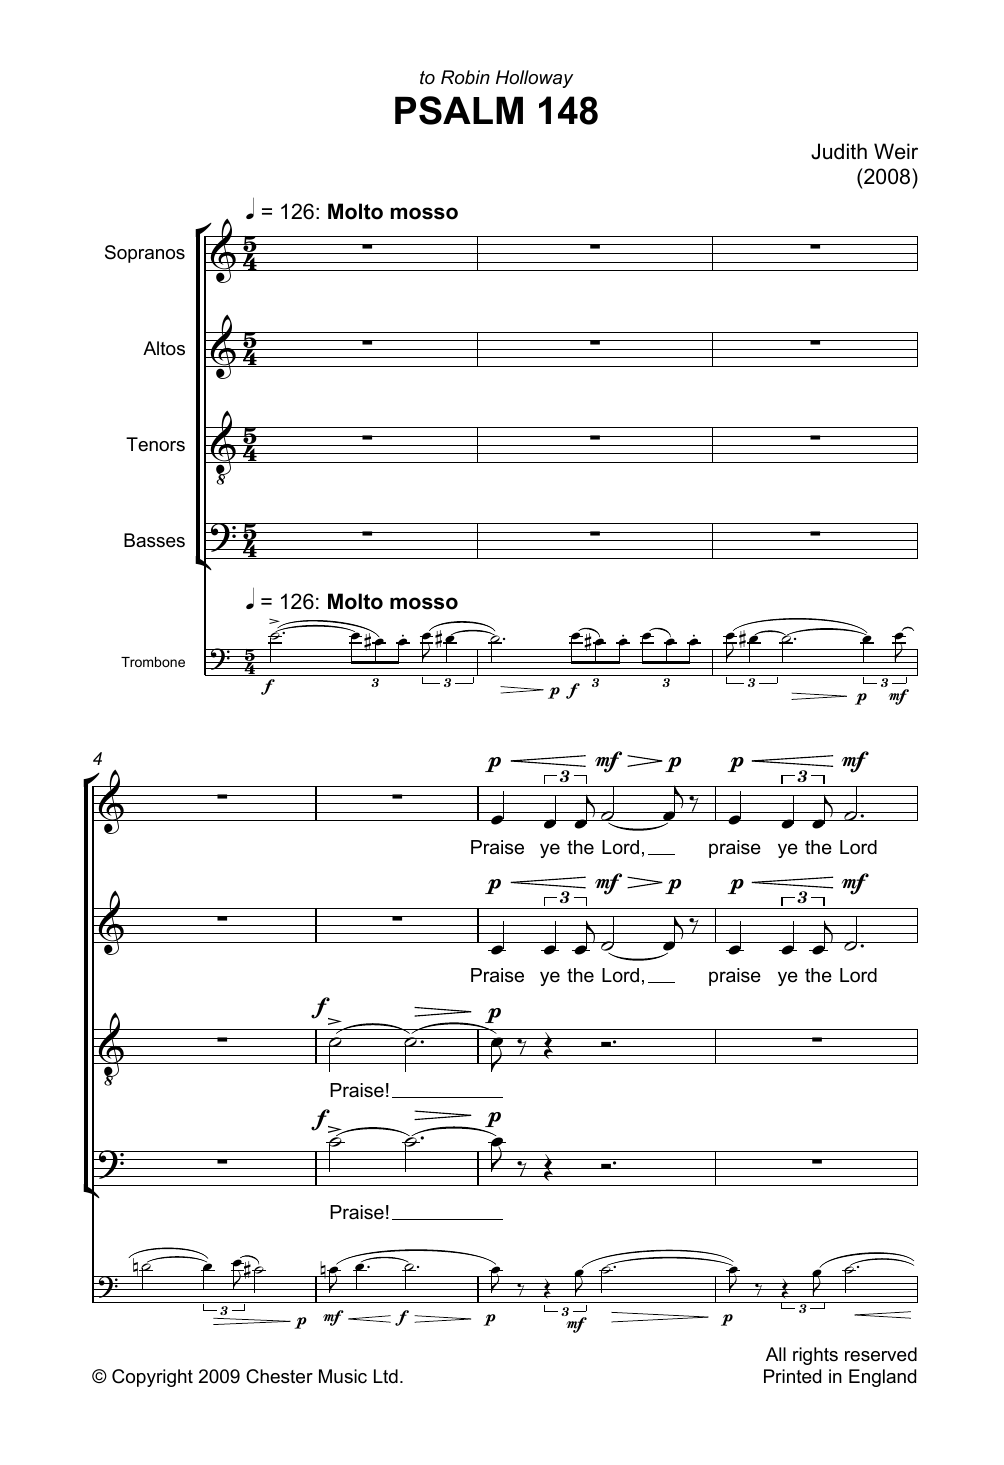 Judith Weir - Psalm 148